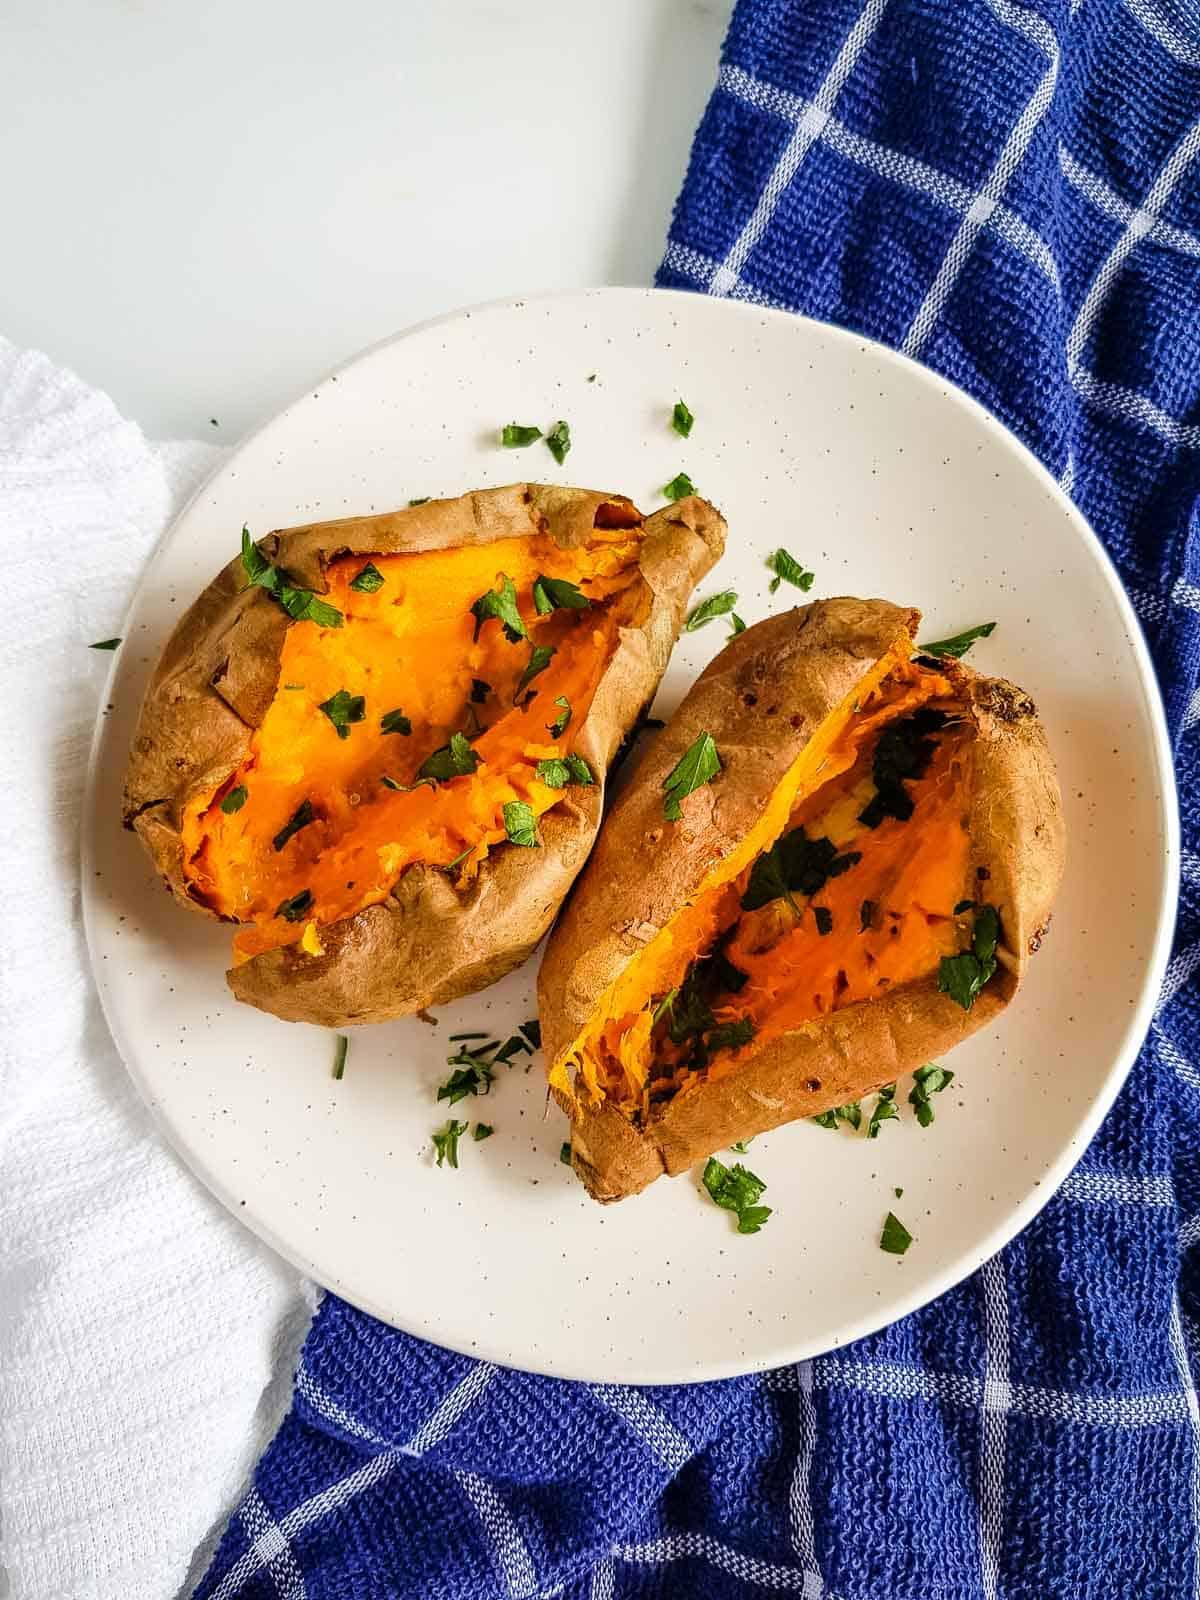 Sweet potatoes roasted in air fryer.